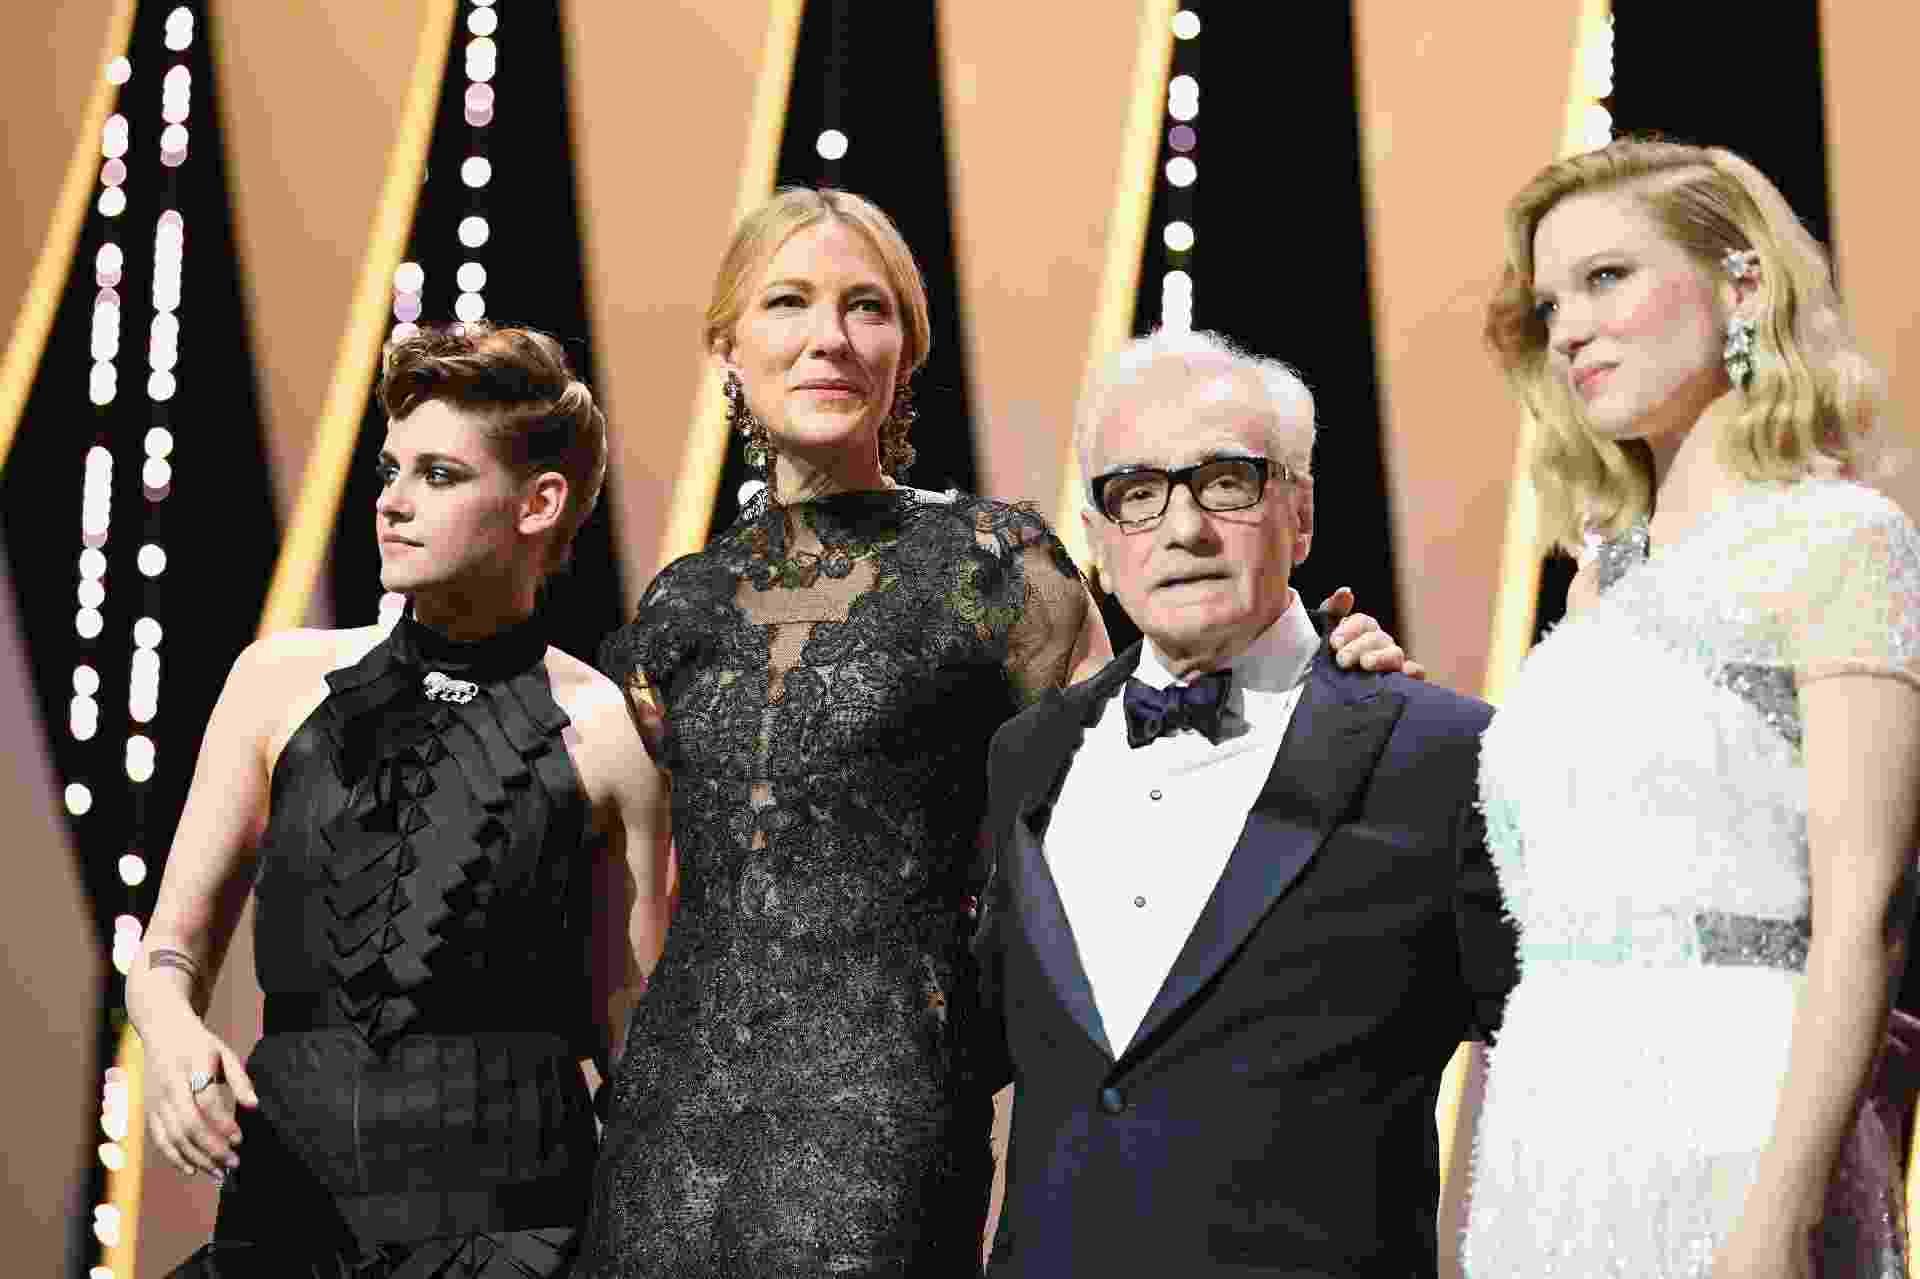 Jurada Kristen Stewart, presidente do júri Cate Blanchett, o homenageado Martin Scorsese e a jurada Lea Seydoux posam juntos na cerimônia de abertura da 71ª edição do Festival de Cannes - Pascal Le Segretain/Getty Images